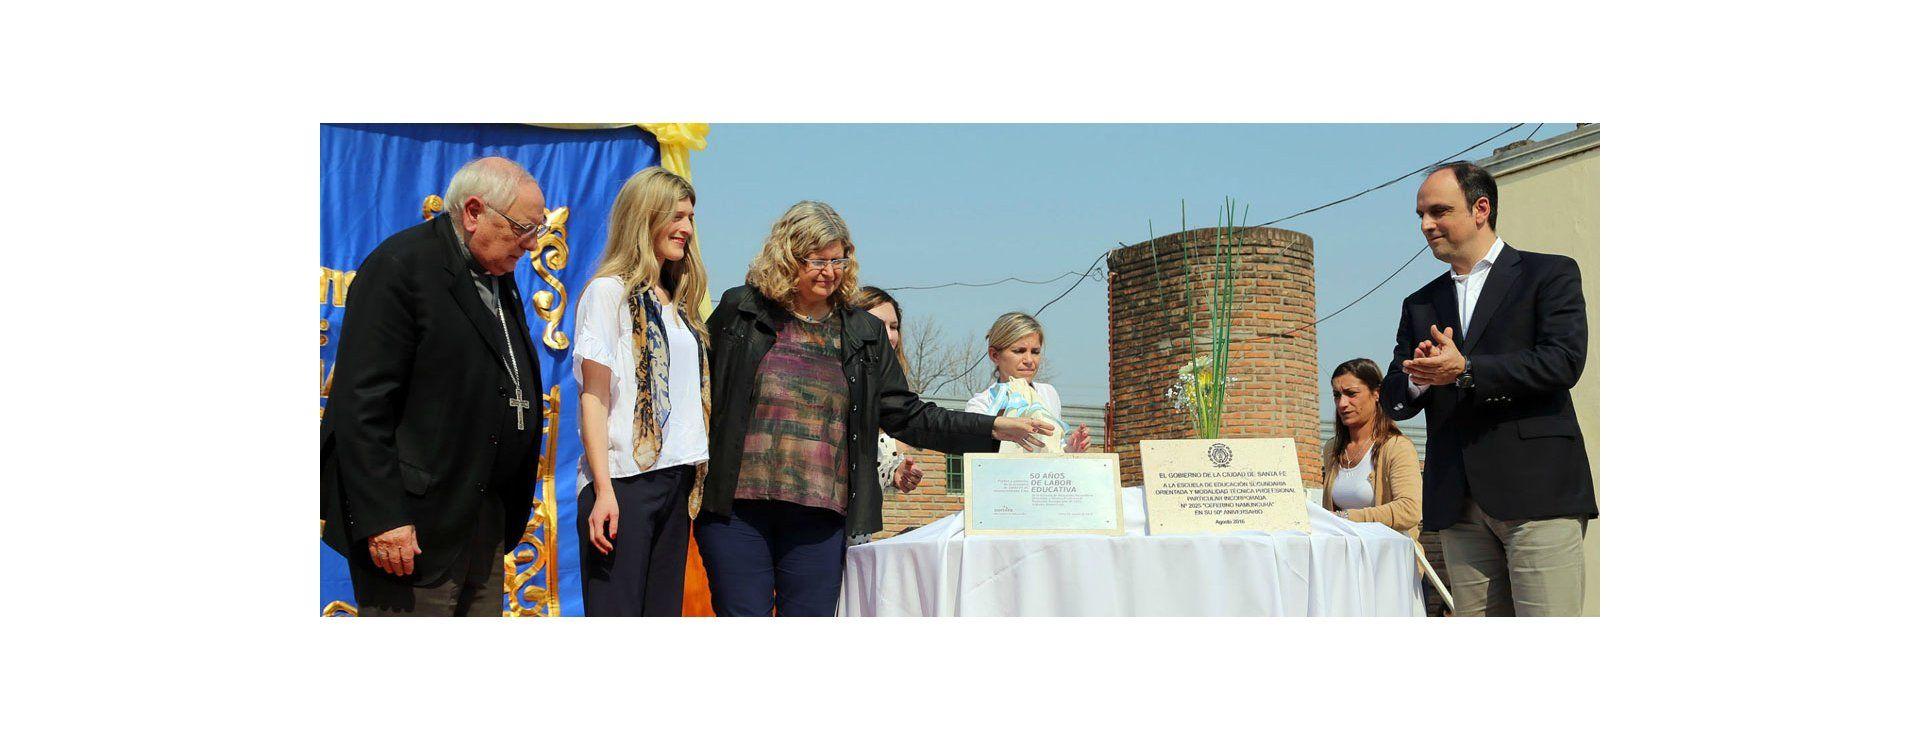 La escuela N° 2025 Ceferino Namuncurá cumplió 50 años